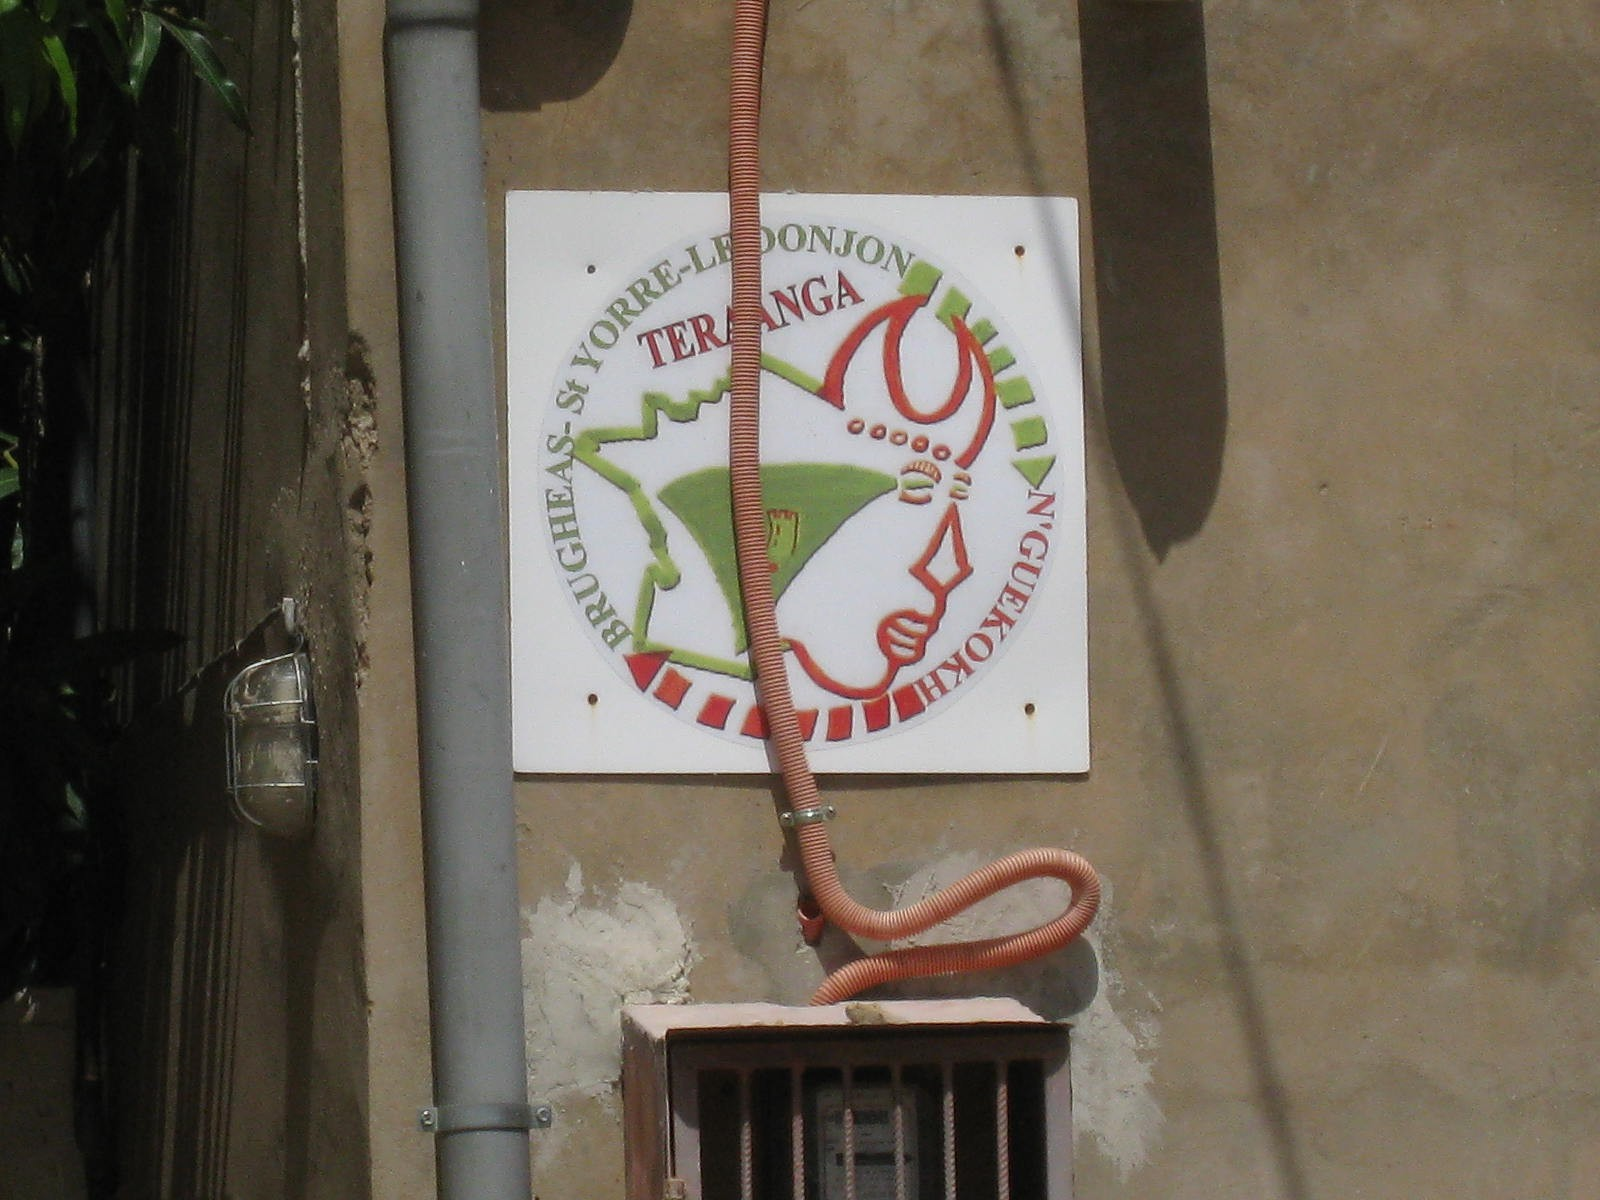 Logo de Teraanga sur le mur de la maison du jumelage.